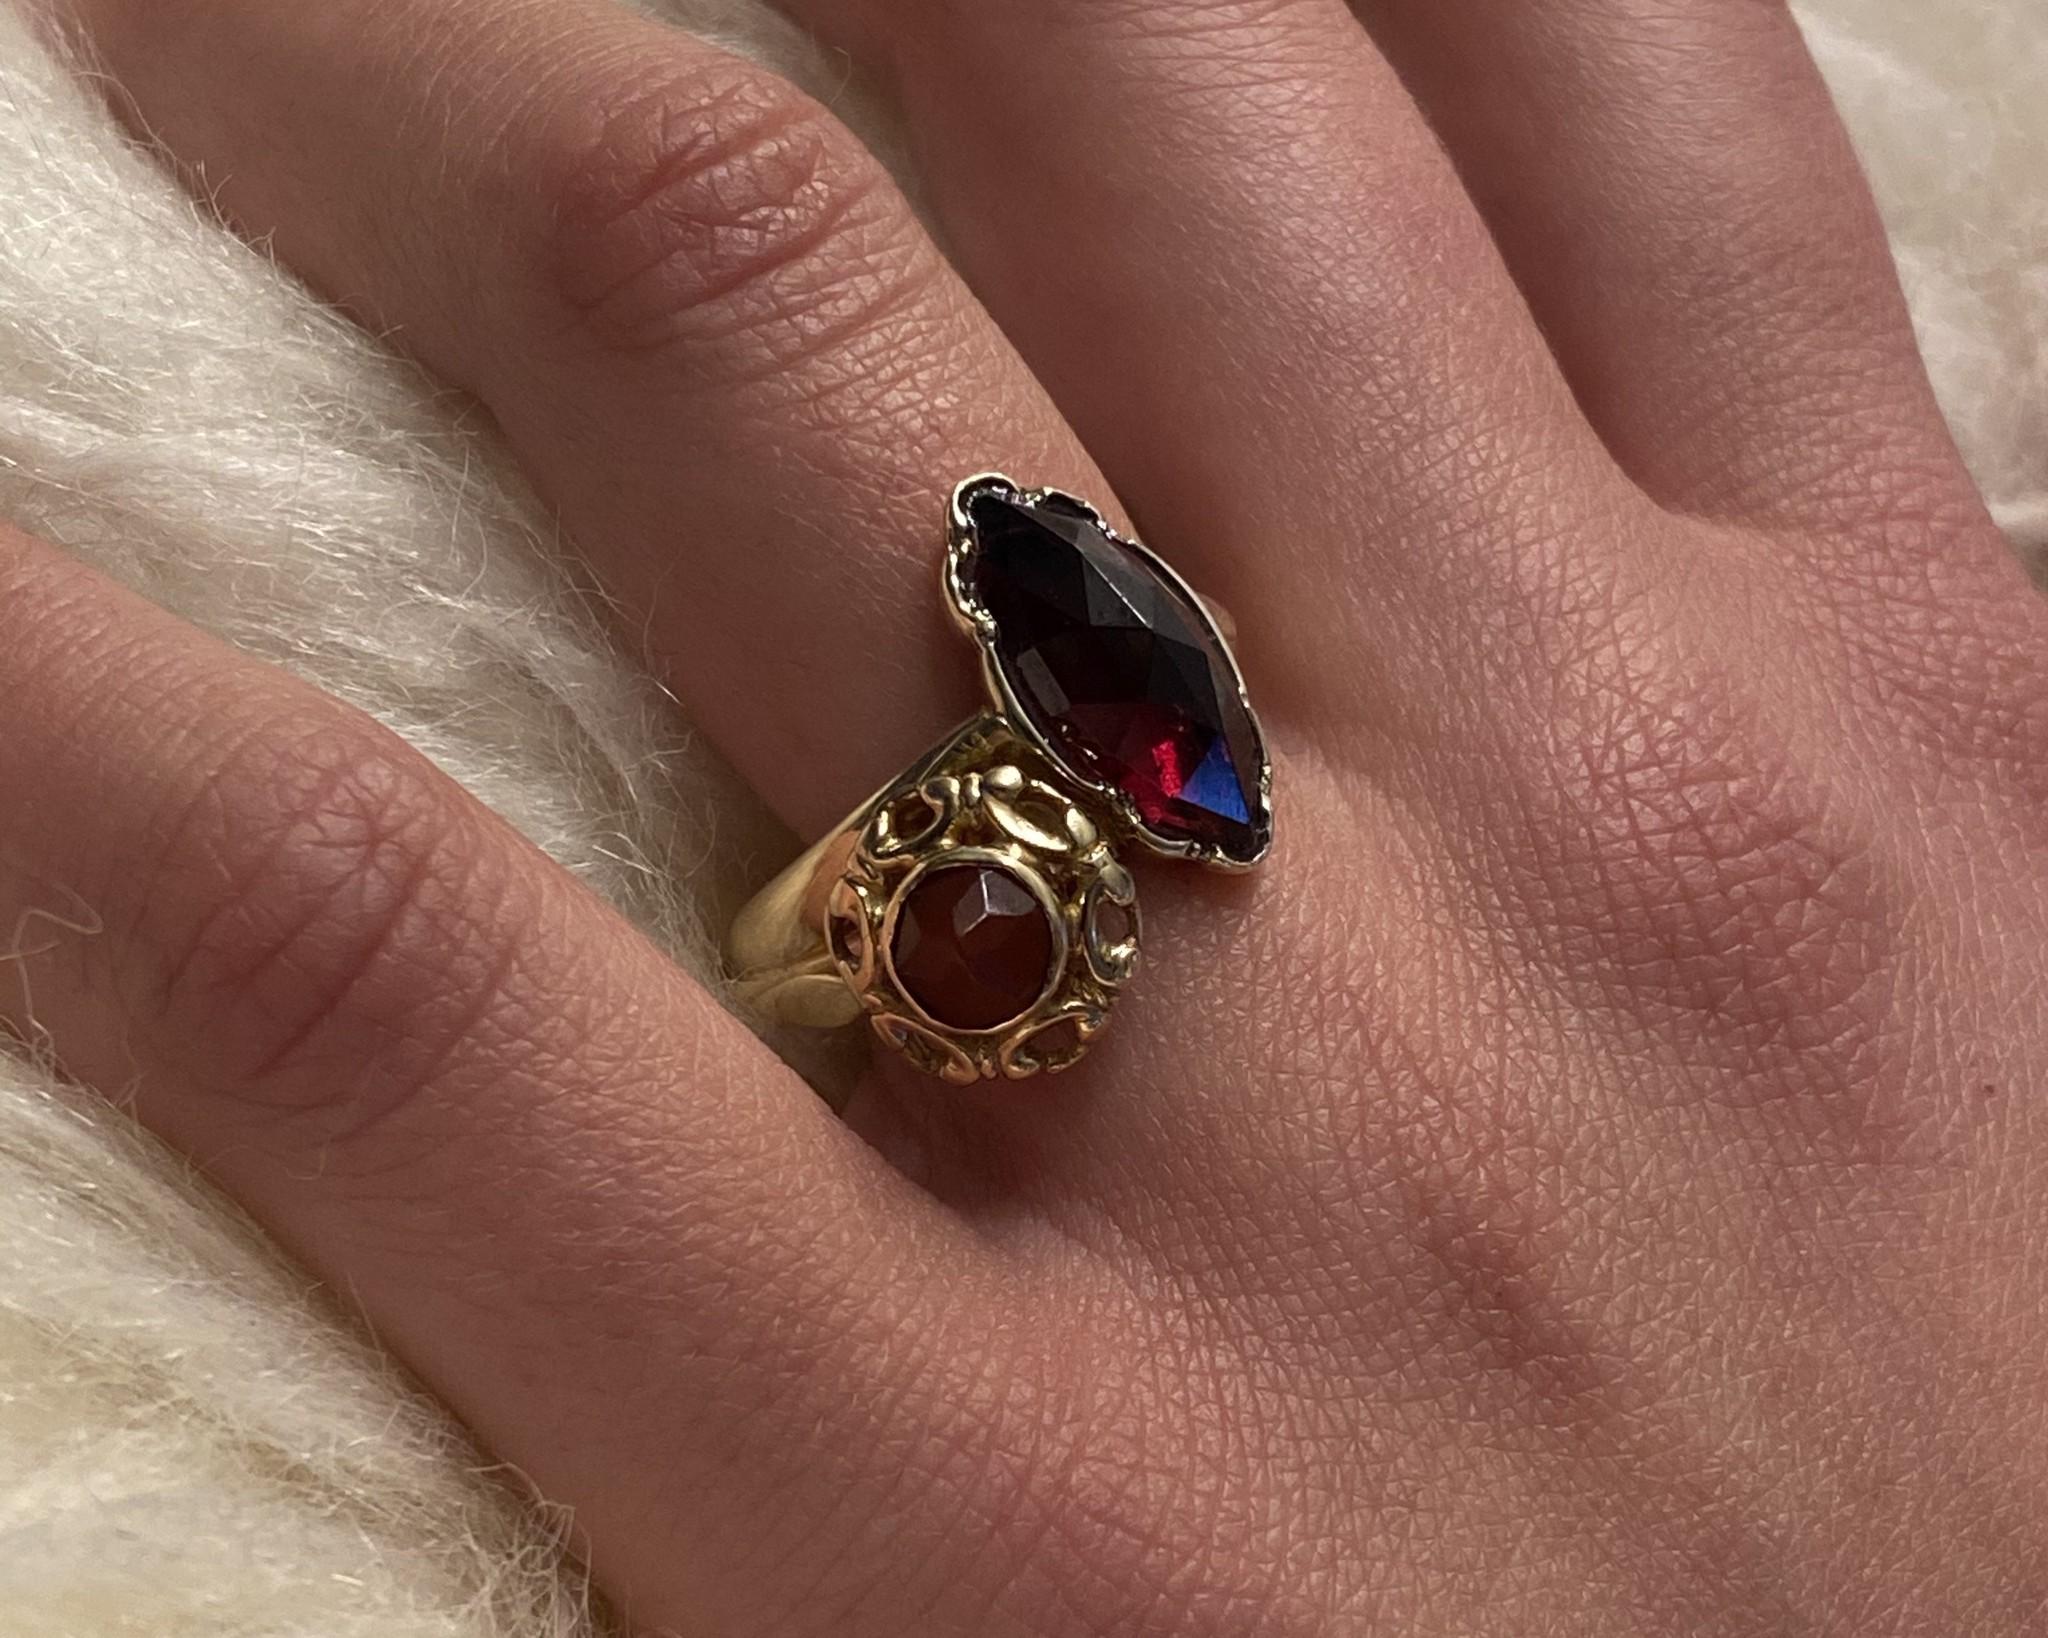 Ring samengesteld van 2 exemplaren met 2 donkerrode stenen-2